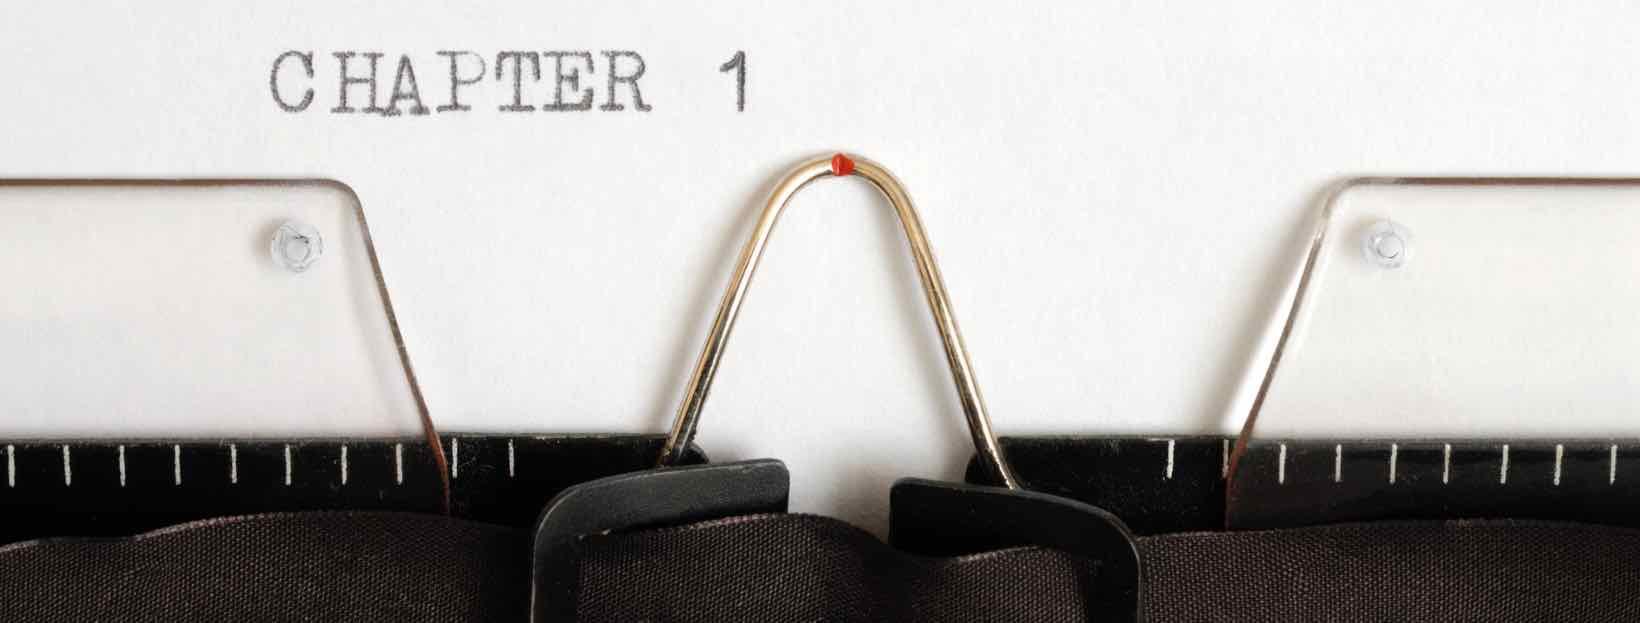 Inhaltsverzeichnis: Schreibmaschine mit dem Wort Chapter 1